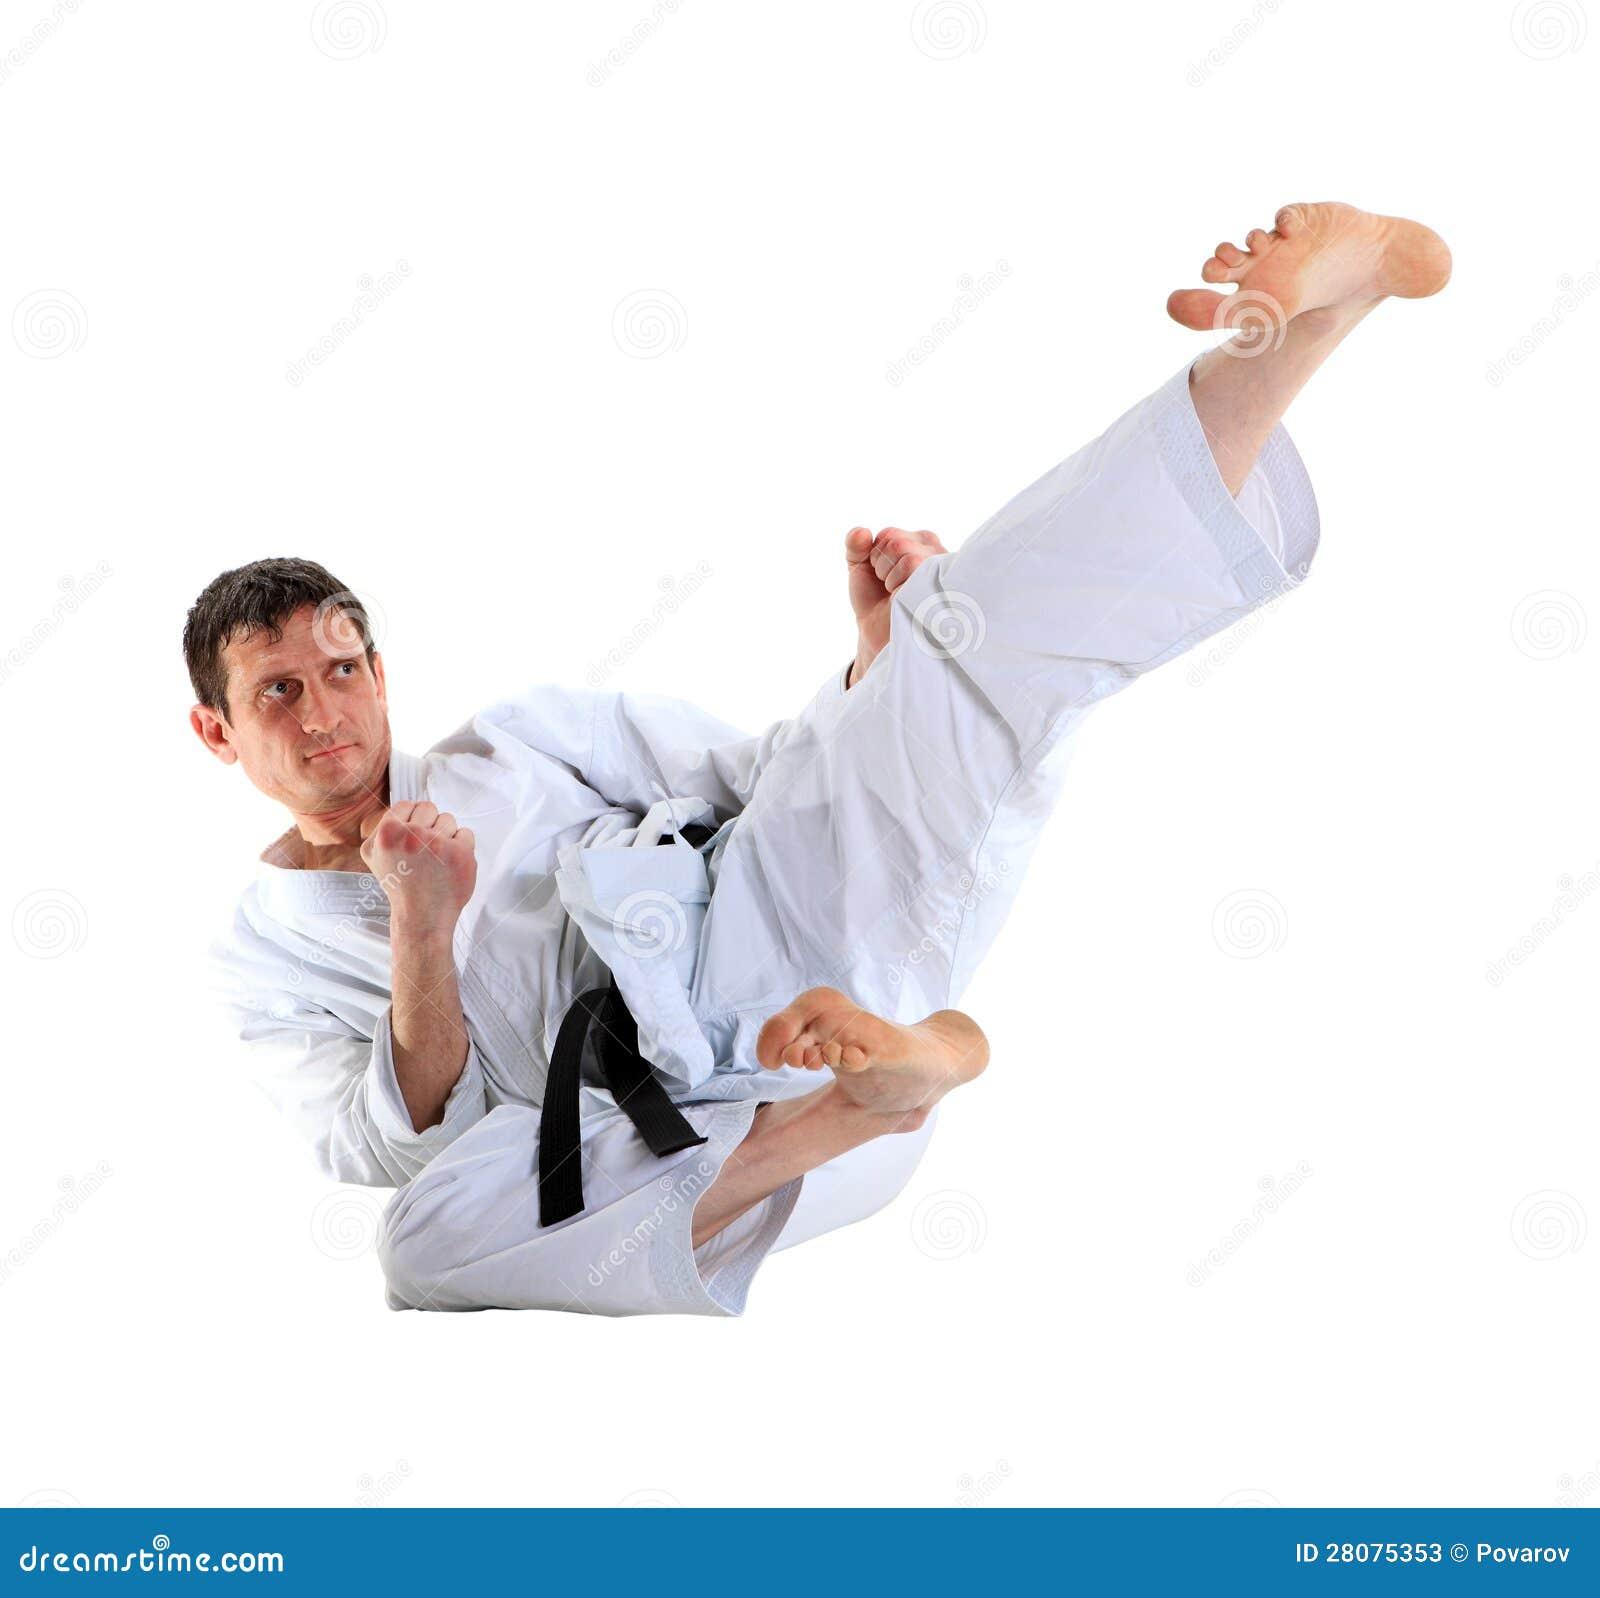 Прыжок в каратэ фото 6